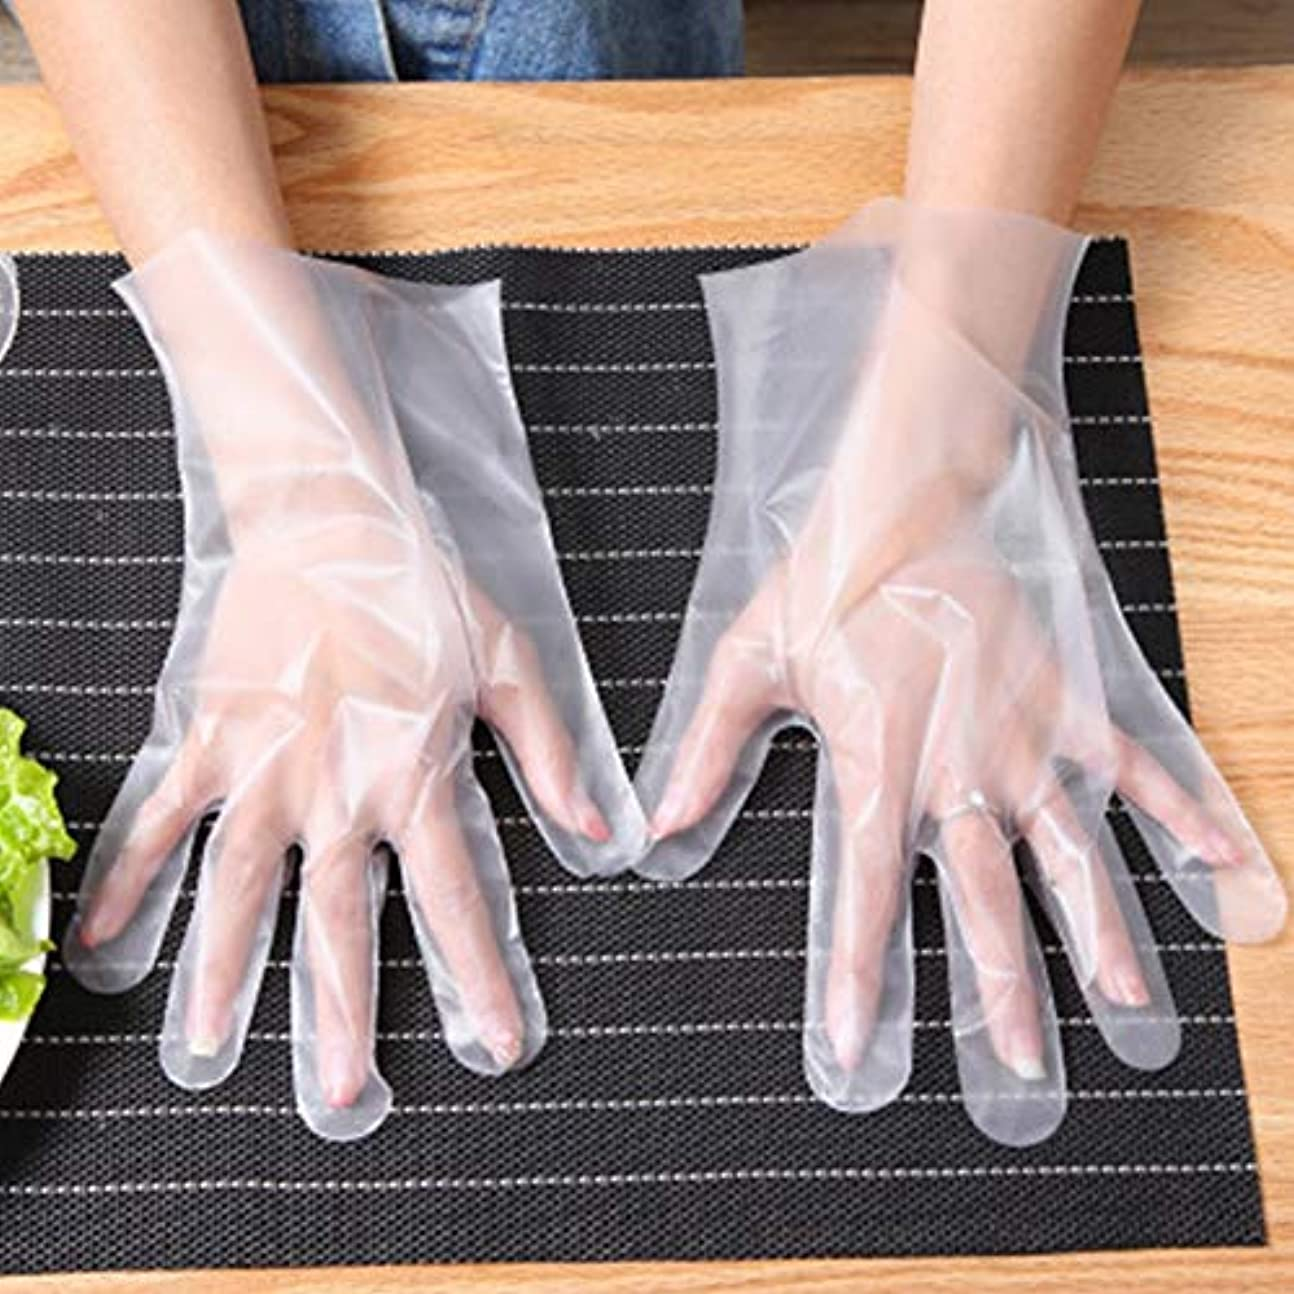 オート変更可能旅行代理店多目的使い捨て手袋 200枚入り プラスチック製 食品準備用手袋 ラテックス不使用 子供の美術工芸や絵画に最適 透明